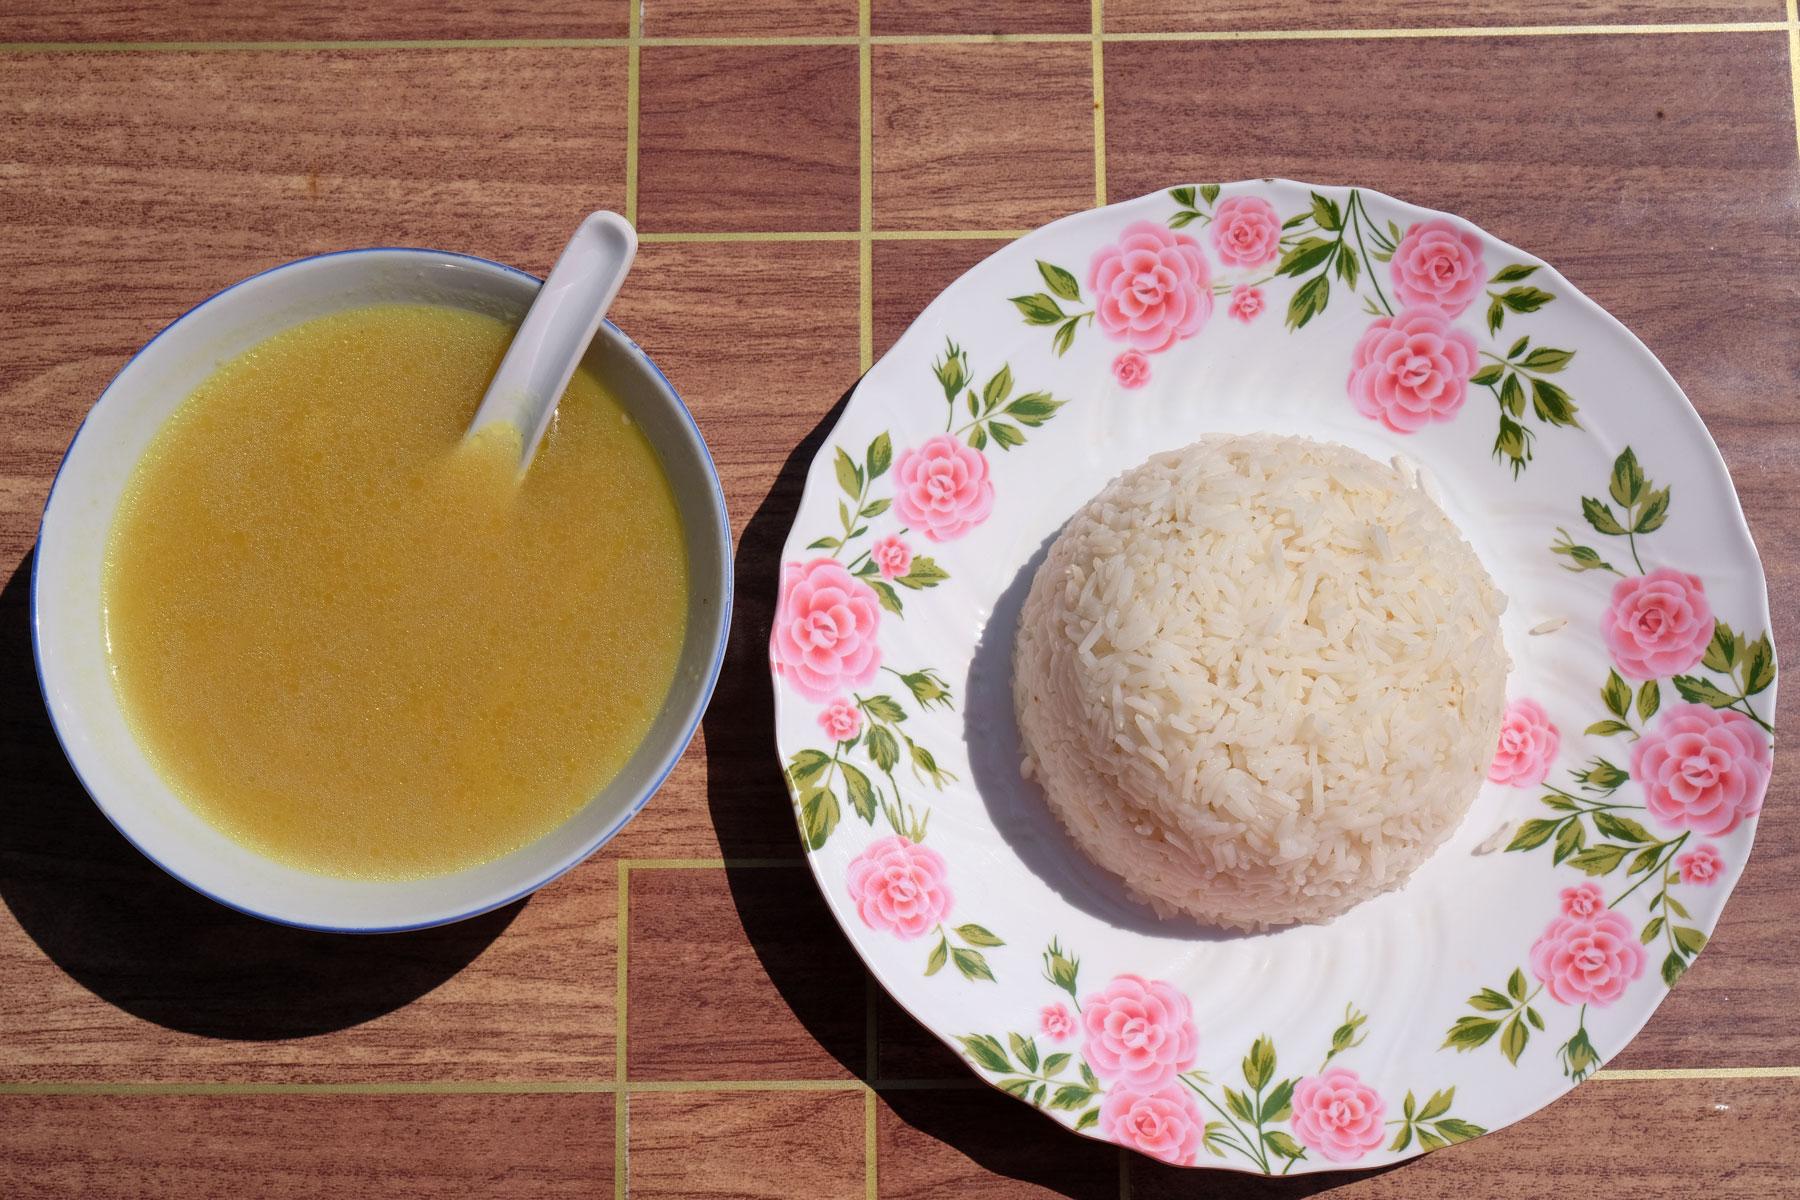 Kürbissuppe und Reis auf einem Teller.